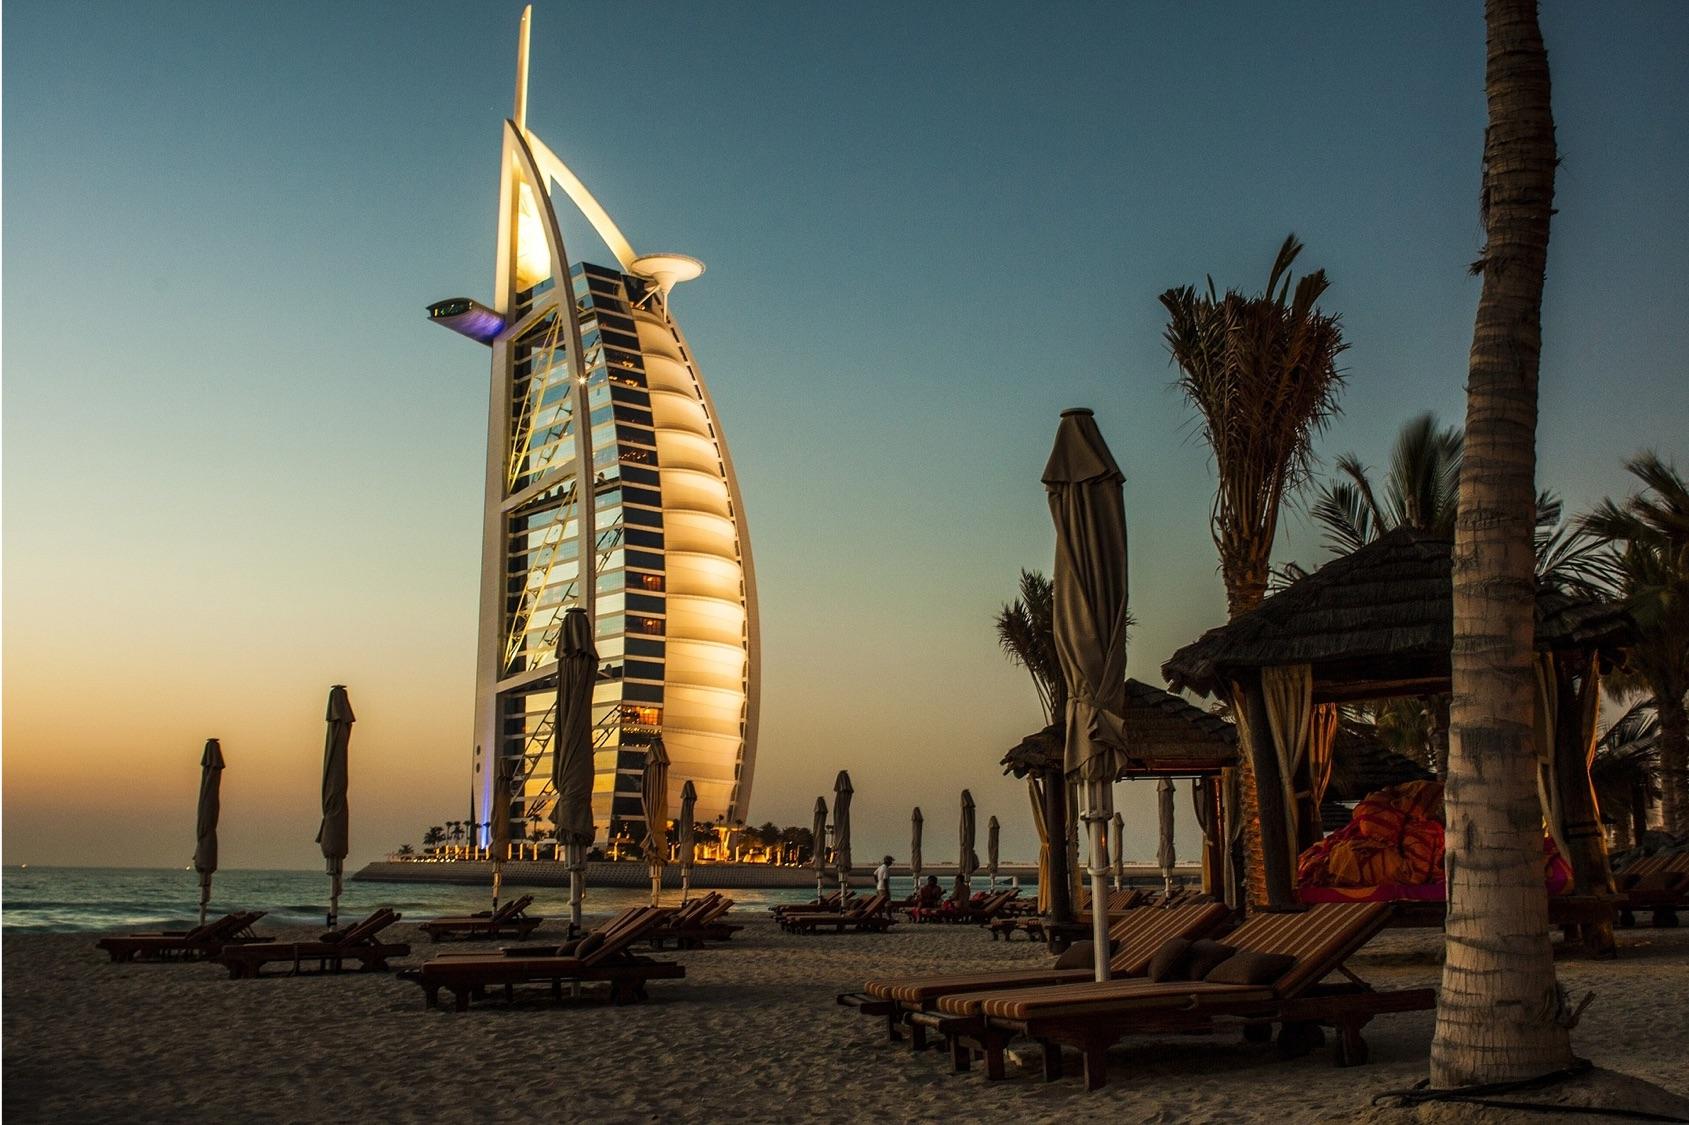 2022年 4/23 俄羅斯莫斯科+杜拜9日 5/1 杜拜Dubai—久美拉古城堡Madinat Jumeirah—杜拜帆船酒店Burj Al Arab—Dubai Mall 水舞—原居地 (SU525 DXB/SVO 02:20A 06:50A + SU106 SVO/LAX 12:00N 14:15)